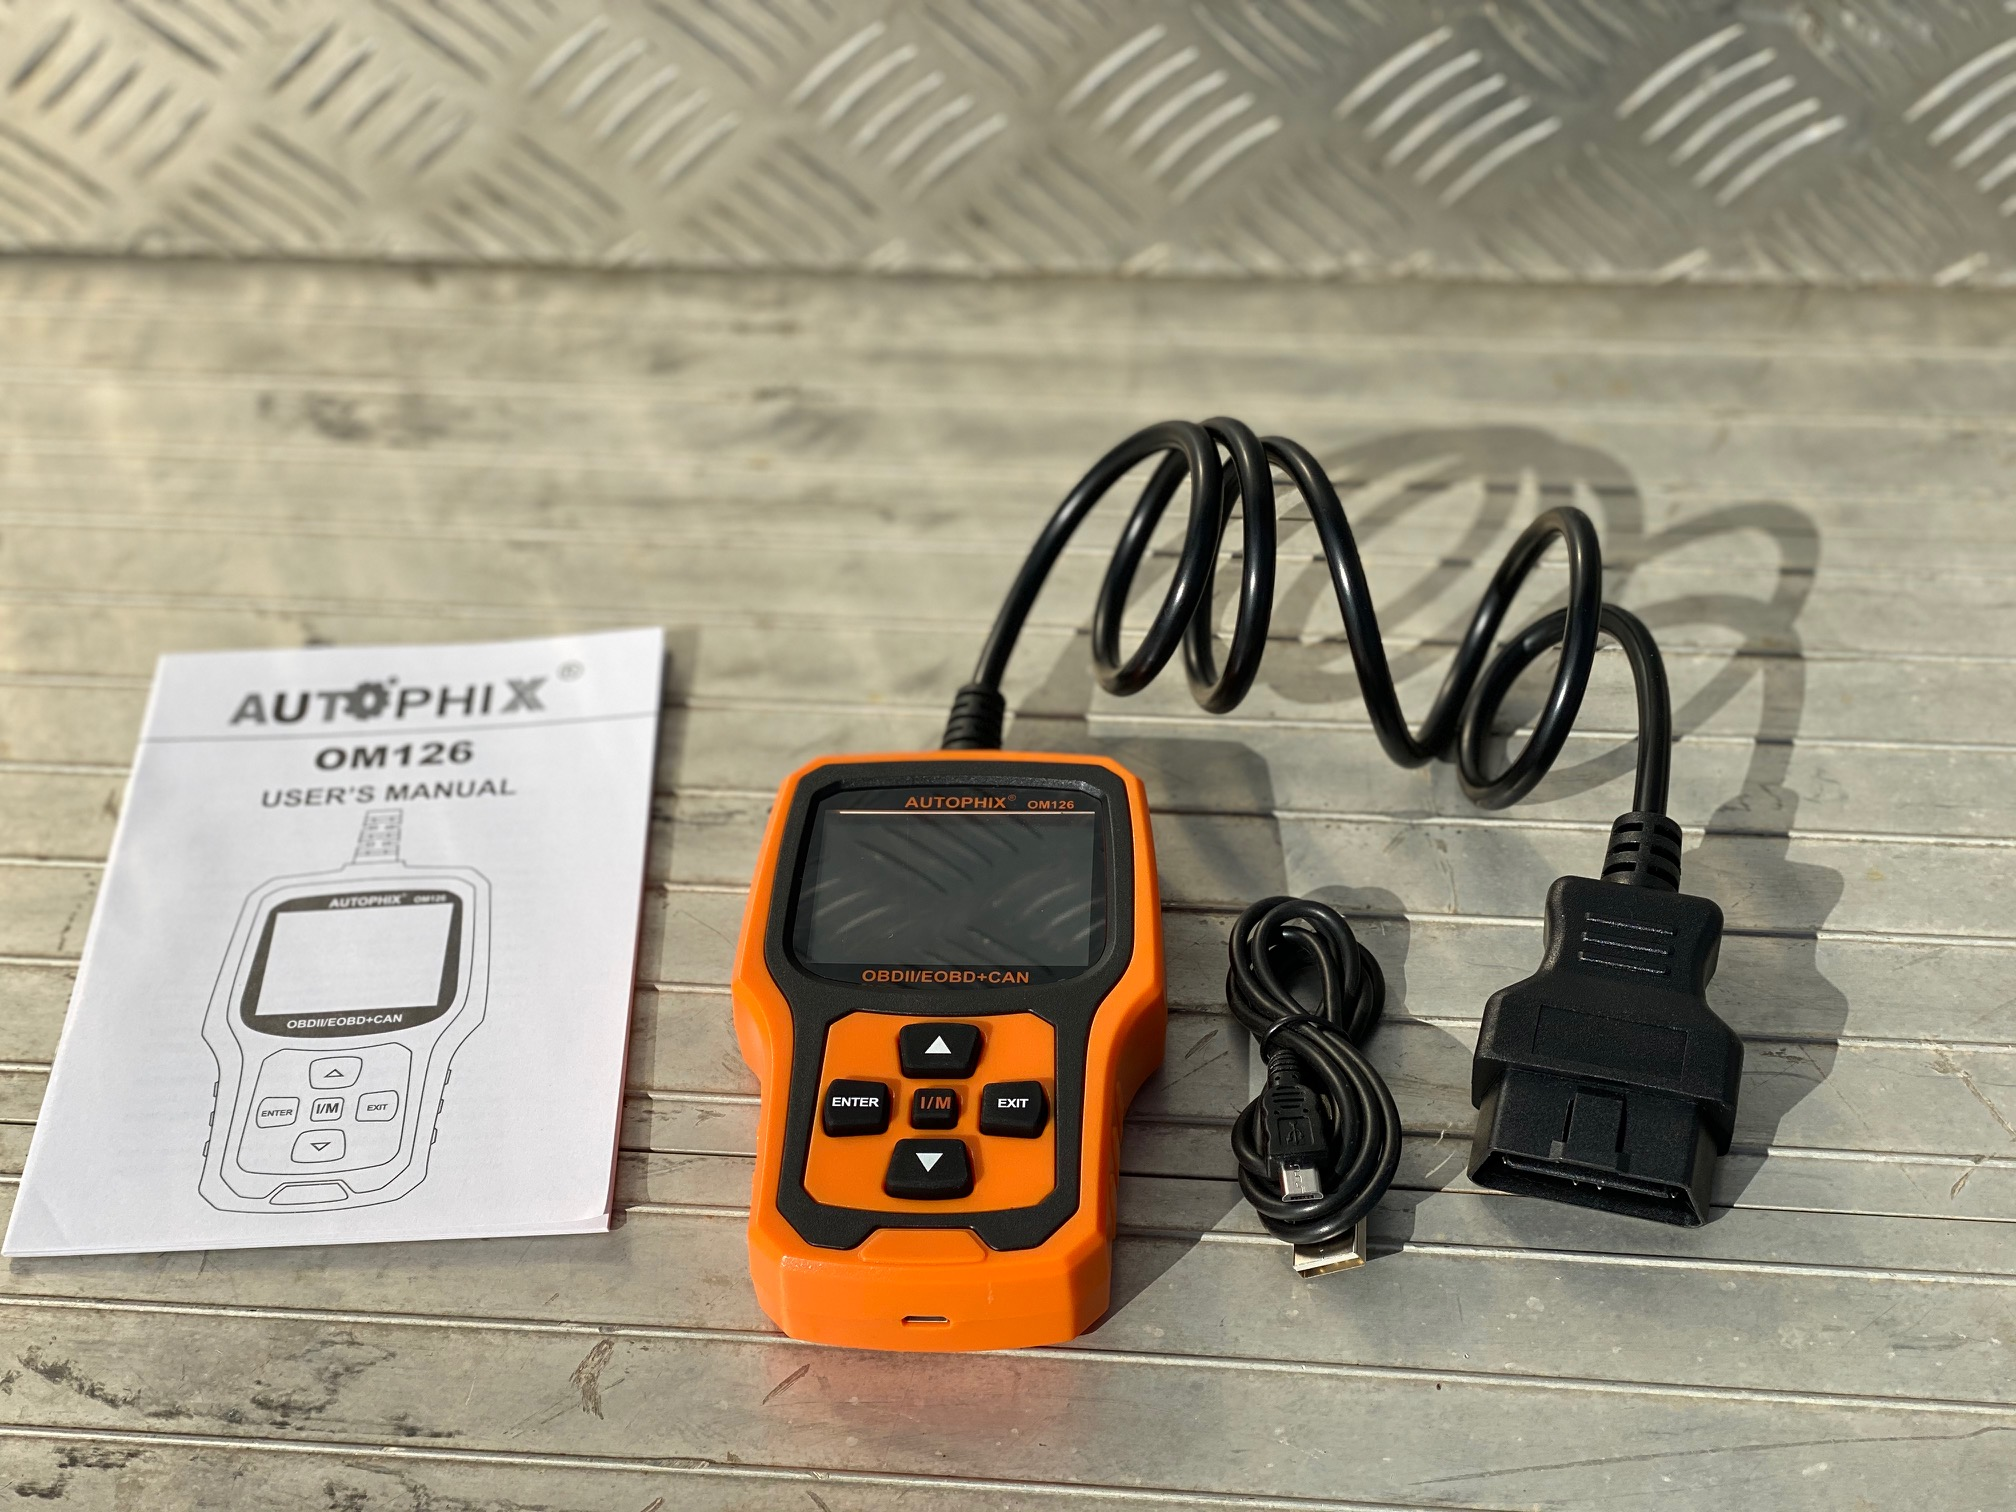 Reviewed: Autophix OM126 OBD2 reader